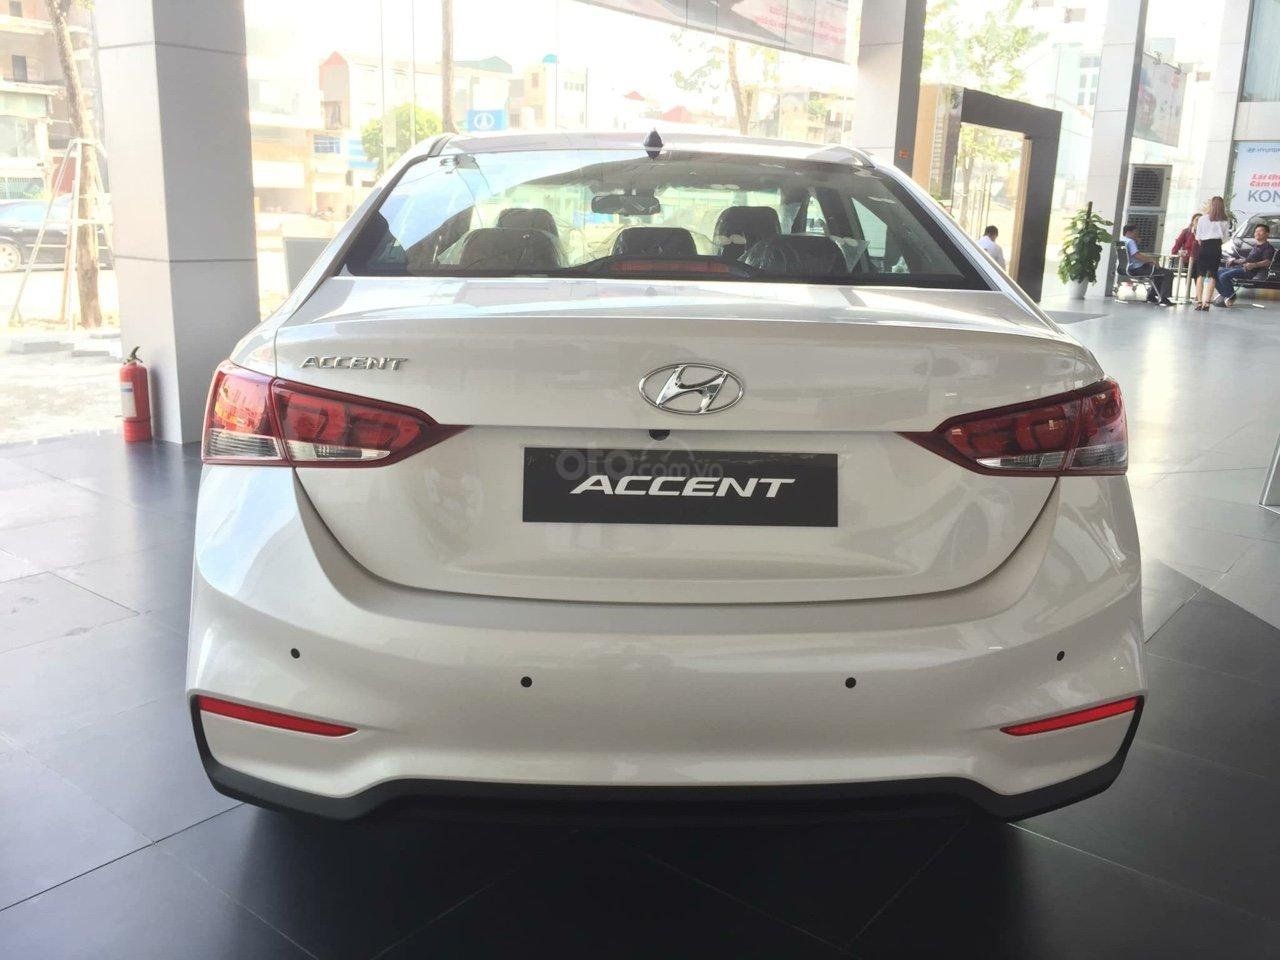 Hyundai Accent 1.4 số sàn và tự động mới 2019, giá chỉ từ 425tr, trả góp 85%, LH: 0902 235 123 (3)